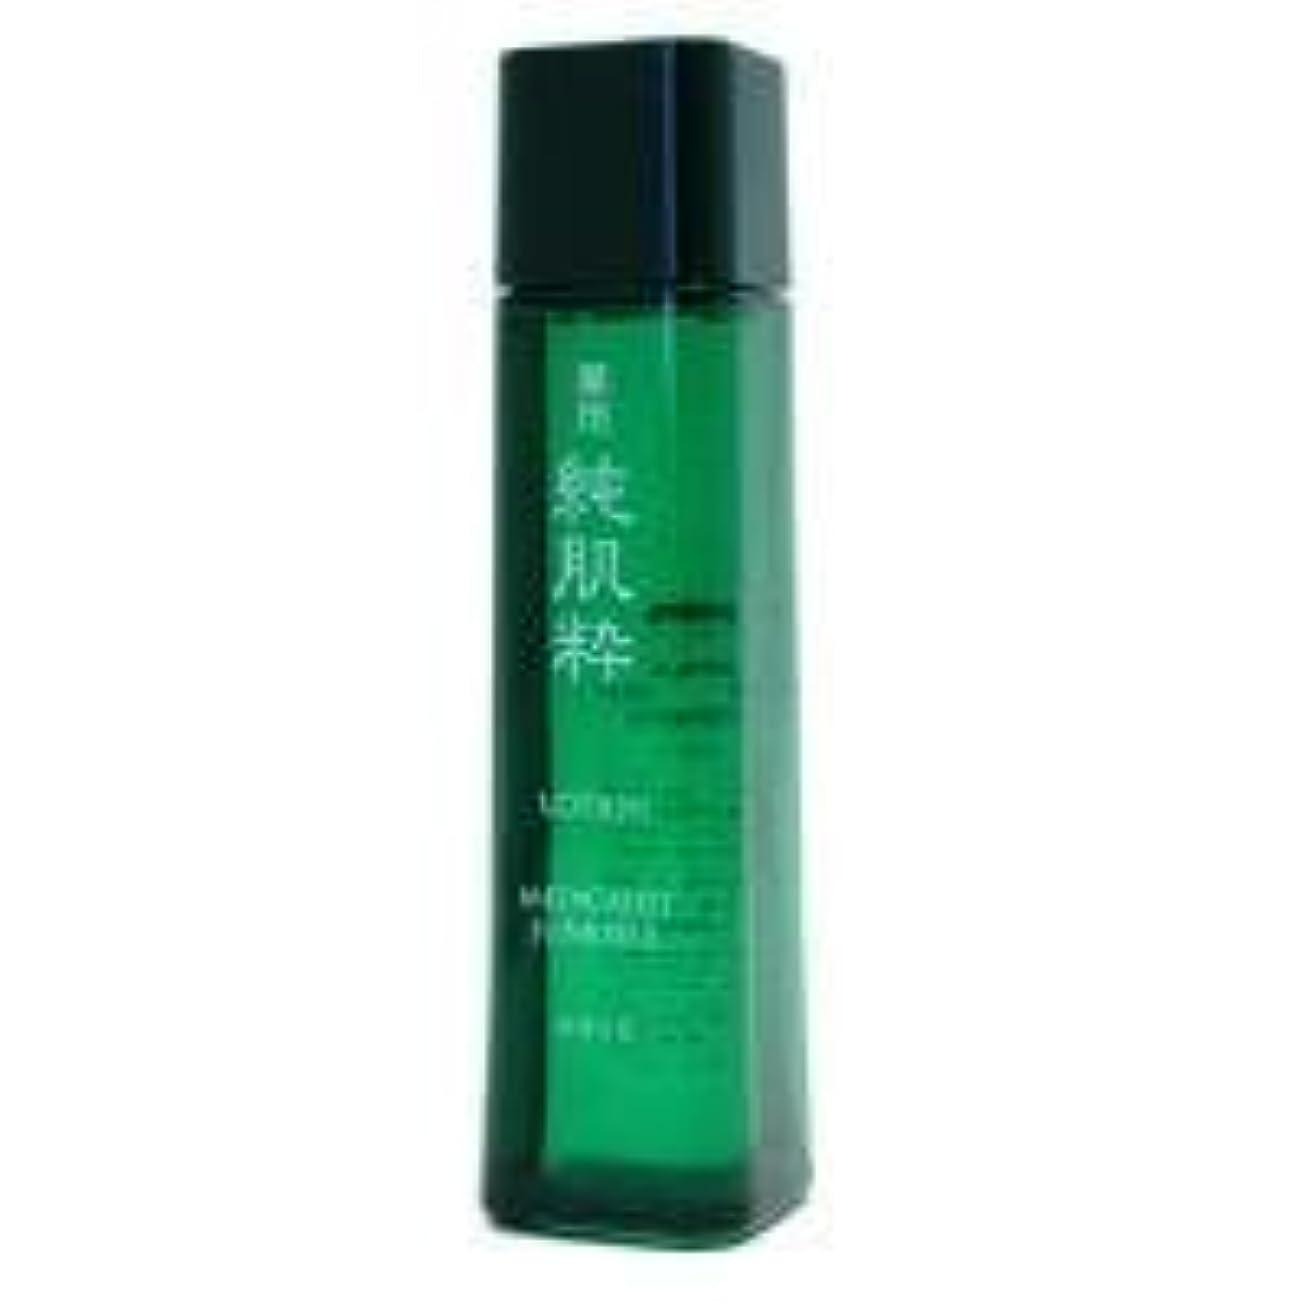 ライオネルグリーンストリート寄託に頼るコーセー 薬用 純肌粋 化粧水 150ml